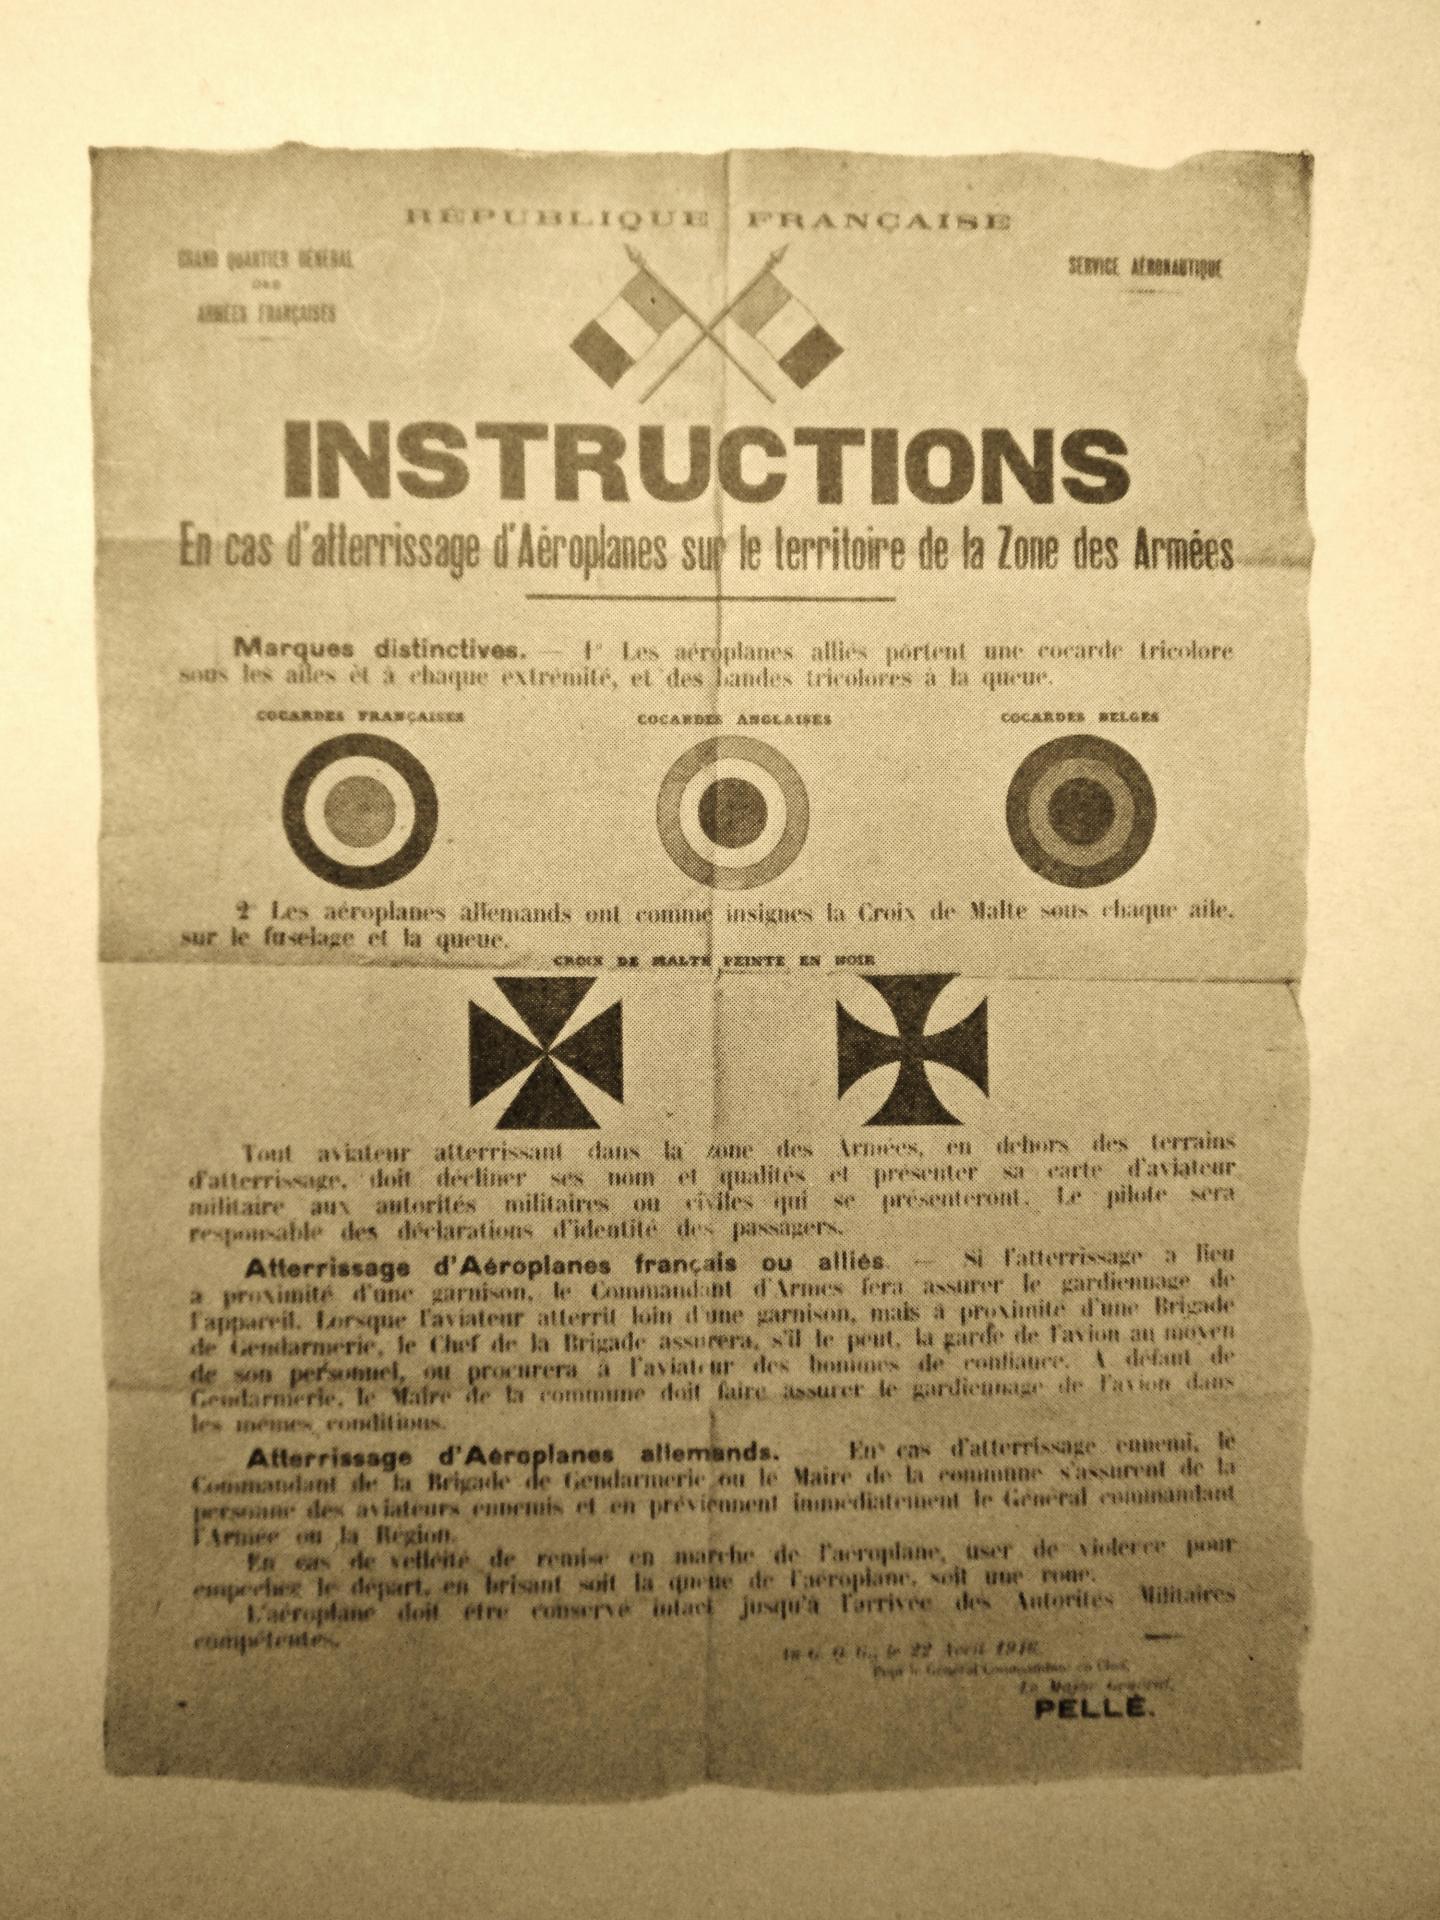 Calais 14 18 instructions en cas d atterrisage d avions